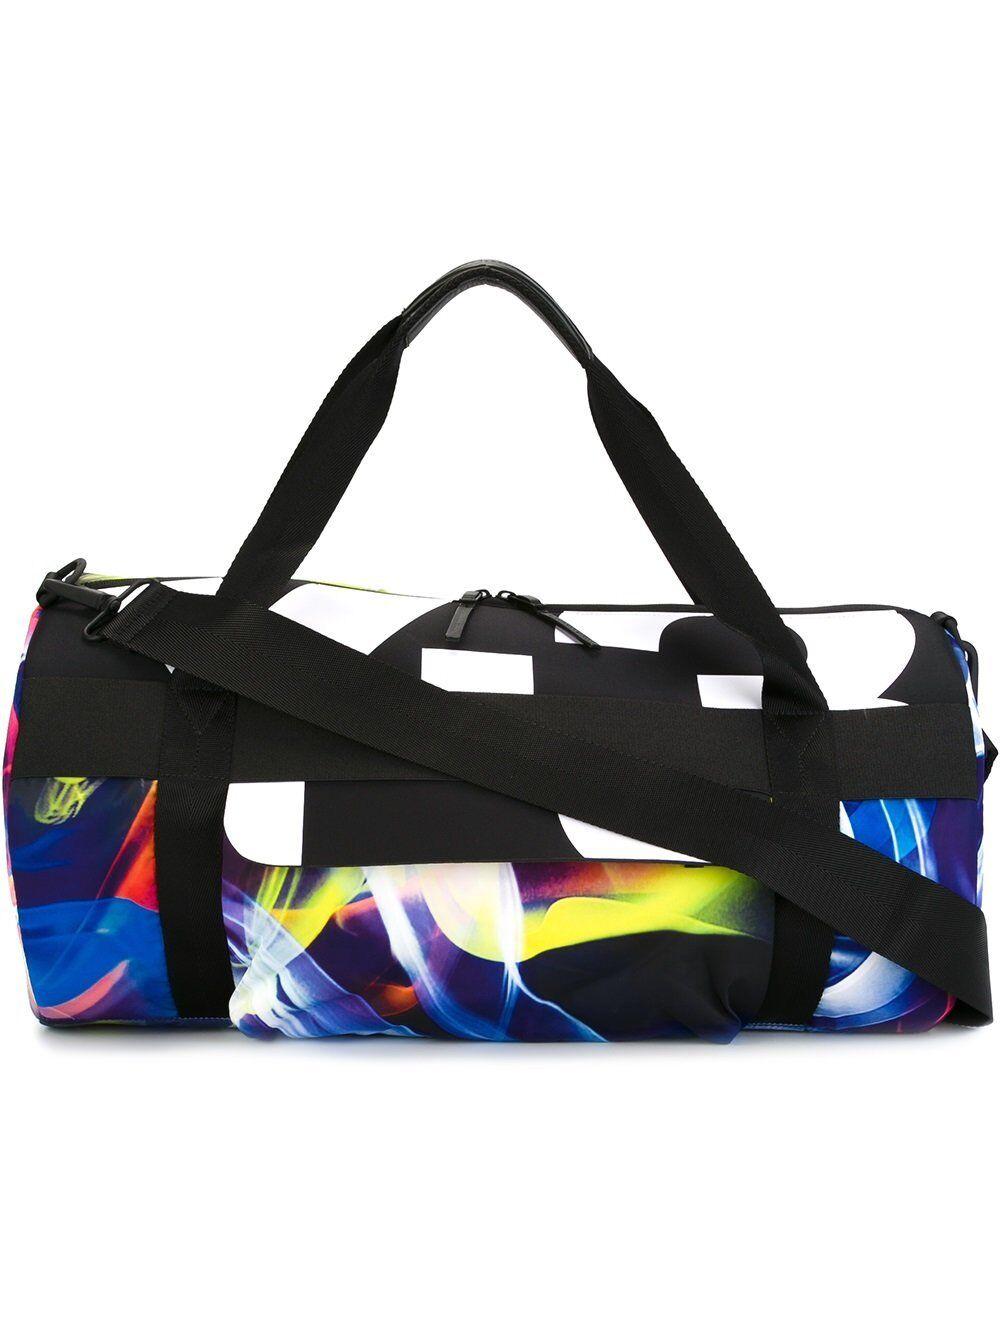 c77e9cb60b90 ... Adidas Y-3 Yohji Yamamoto Qasa Gym Bag AP6297 Logo Sport Luxury Black  Very RARE ...